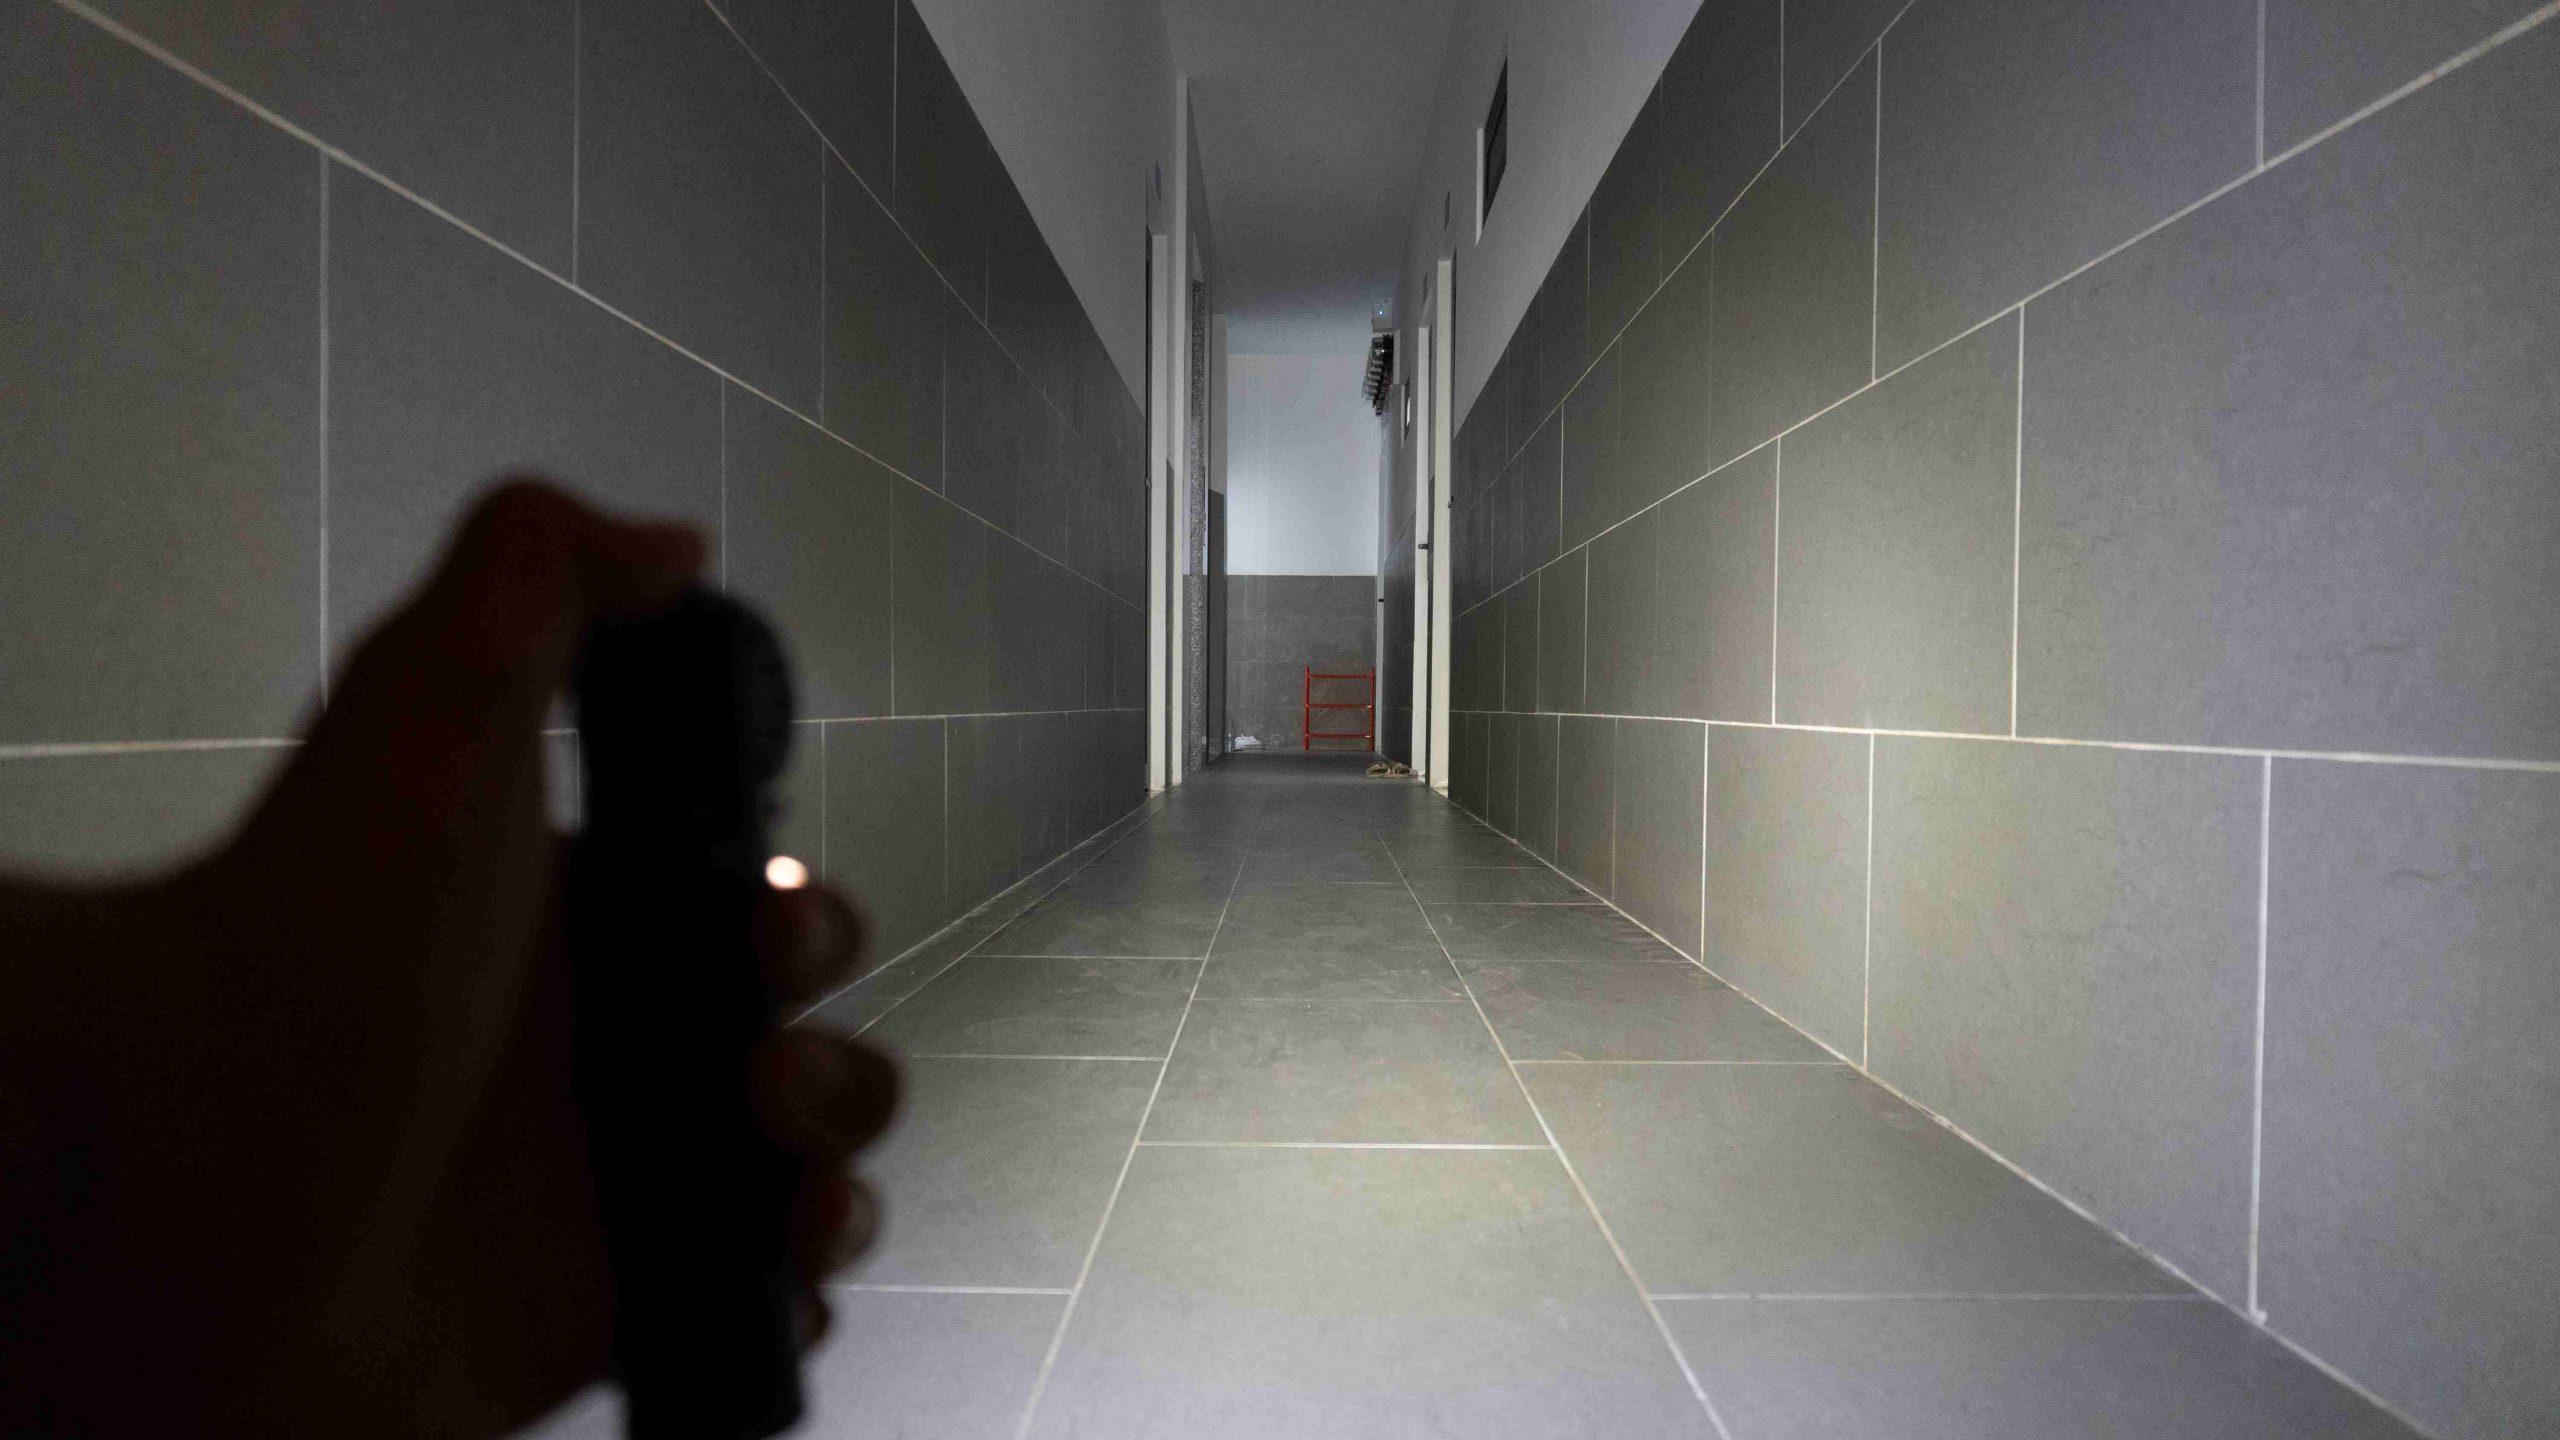 500 lumens trong nhà. Đây được coi như độ sáng chính (sáng nhất trong thời gian lâu nhất), duy trì được 270 phút